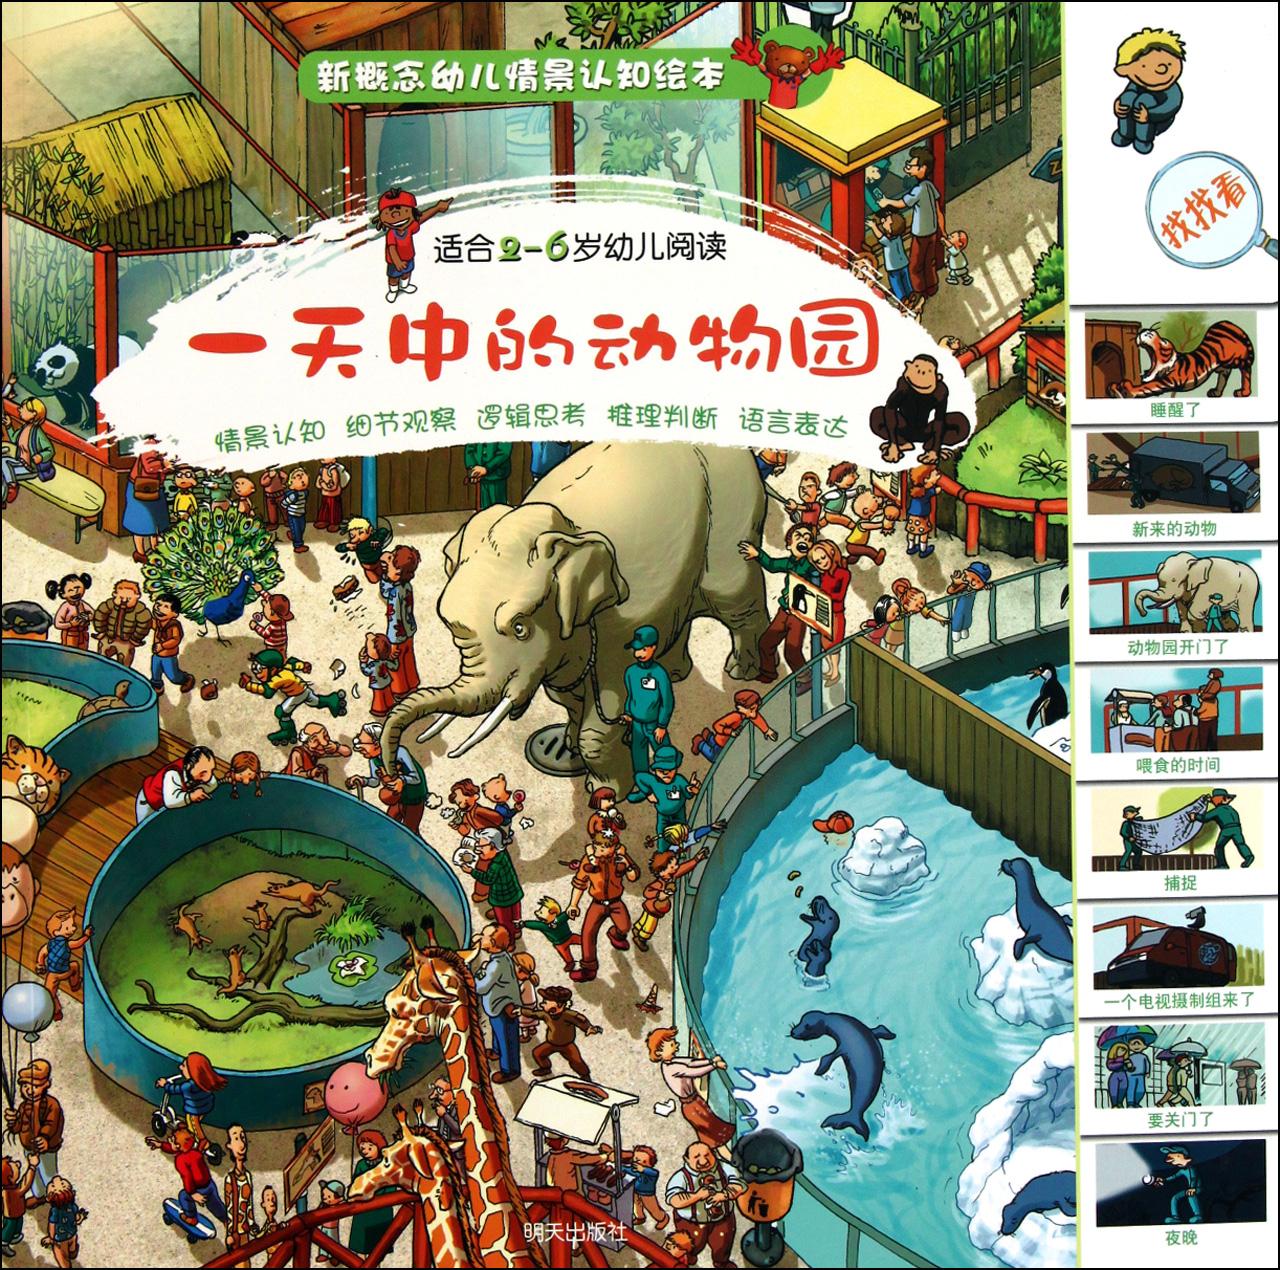 一天中的动物园(适合2-6岁幼儿阅读)